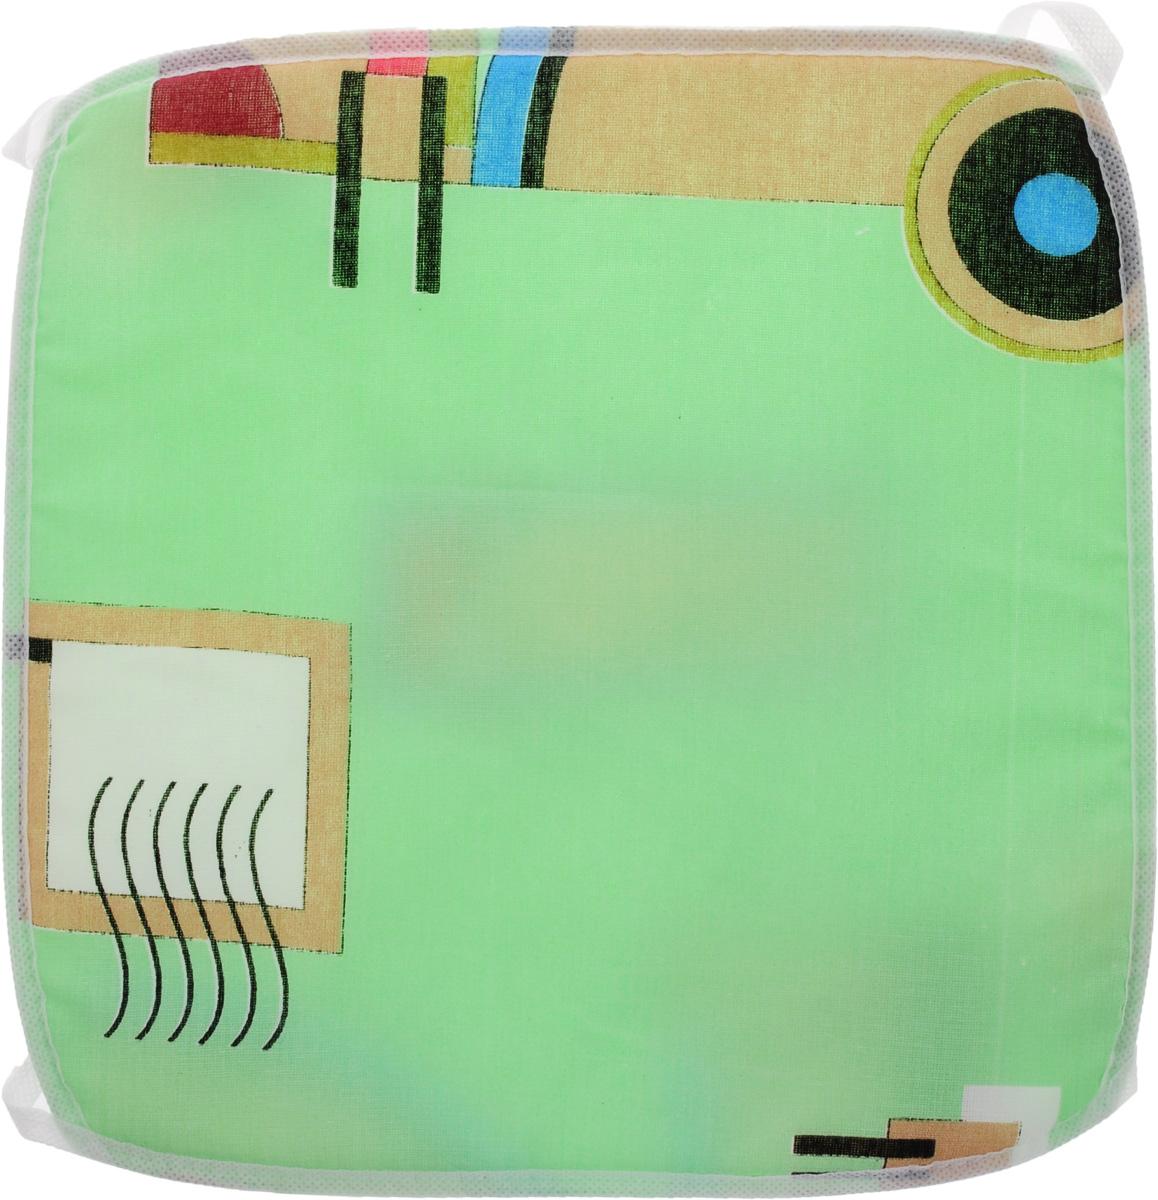 Подушка на стул Eva Геометрия, цвет: белый, светло-зеленый, 34 х 34 см. Е06Е06_зеленый, геометрияПодушка на стул Eva Геометрия, выполненная из хлопка с наполнителем из поролона, легко крепится на стул с помощью завязок. Рекомендации по уходу: - деликатная стирка при температуре воды до 30°С. - отбеливание, барабанная сушка, химчистка запрещены. - рекомендуется глажка при температуре подошвы утюга до 110°С.